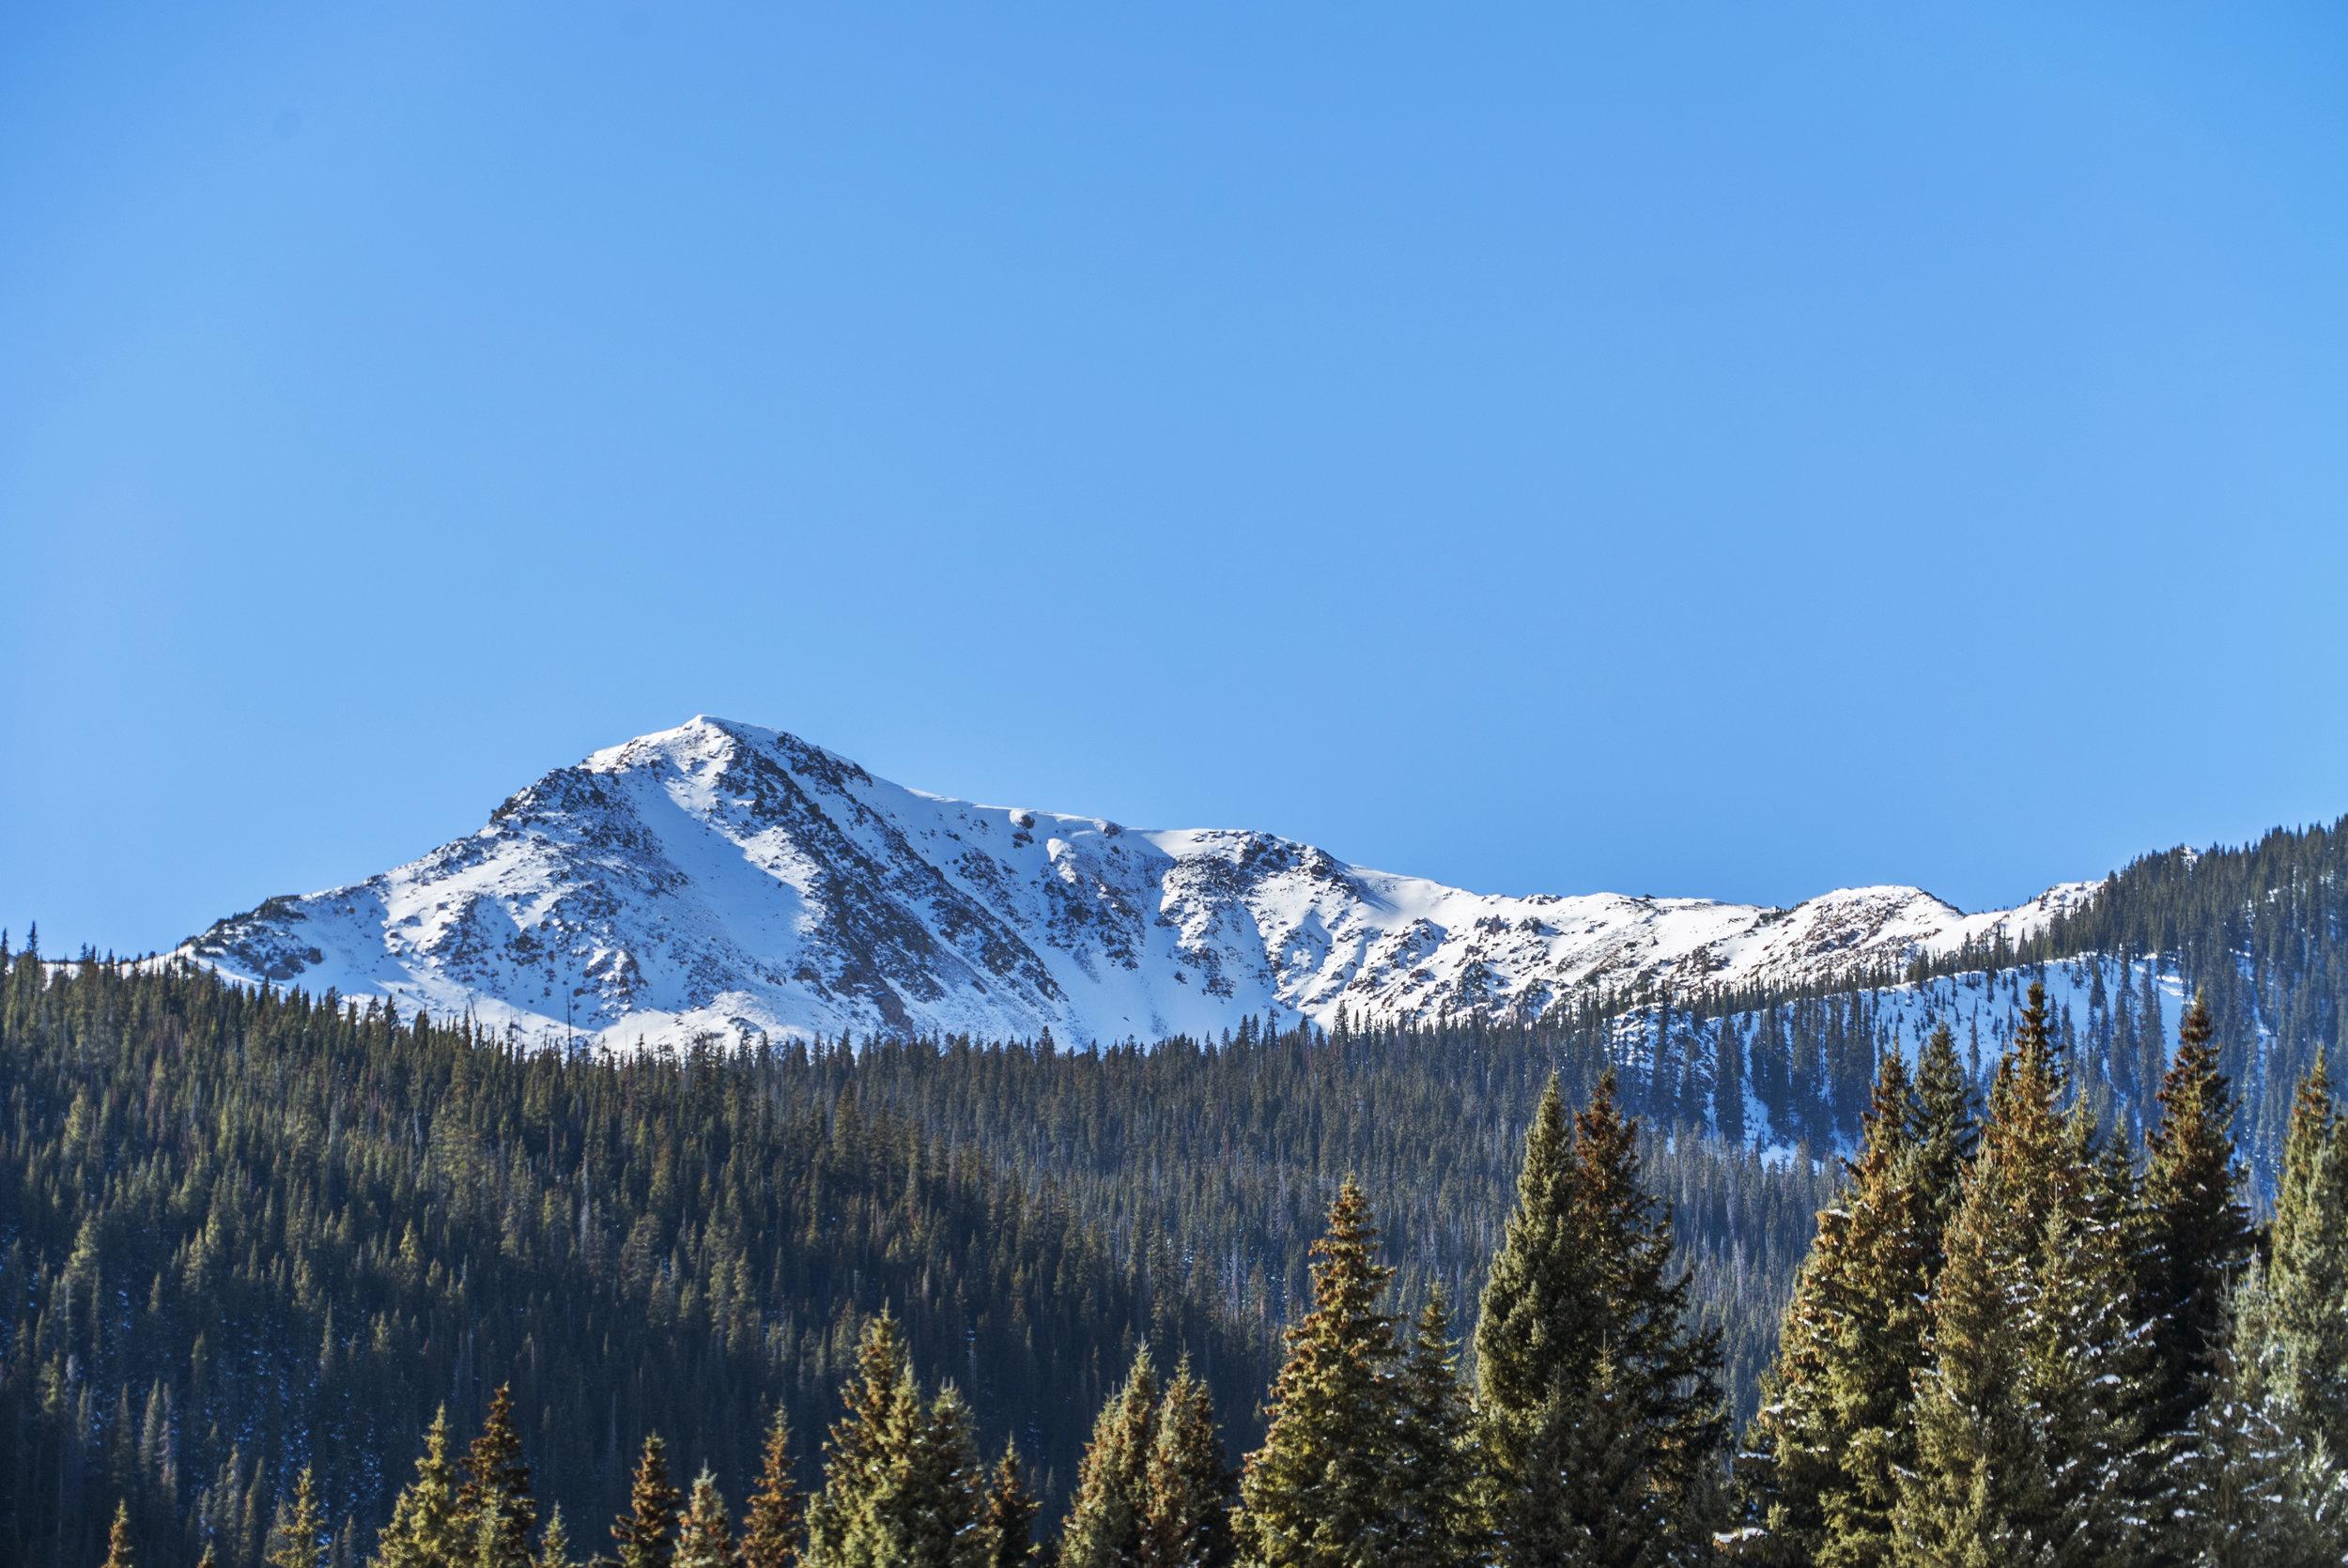 mountains_snow_colorado_frisco copy.jpg